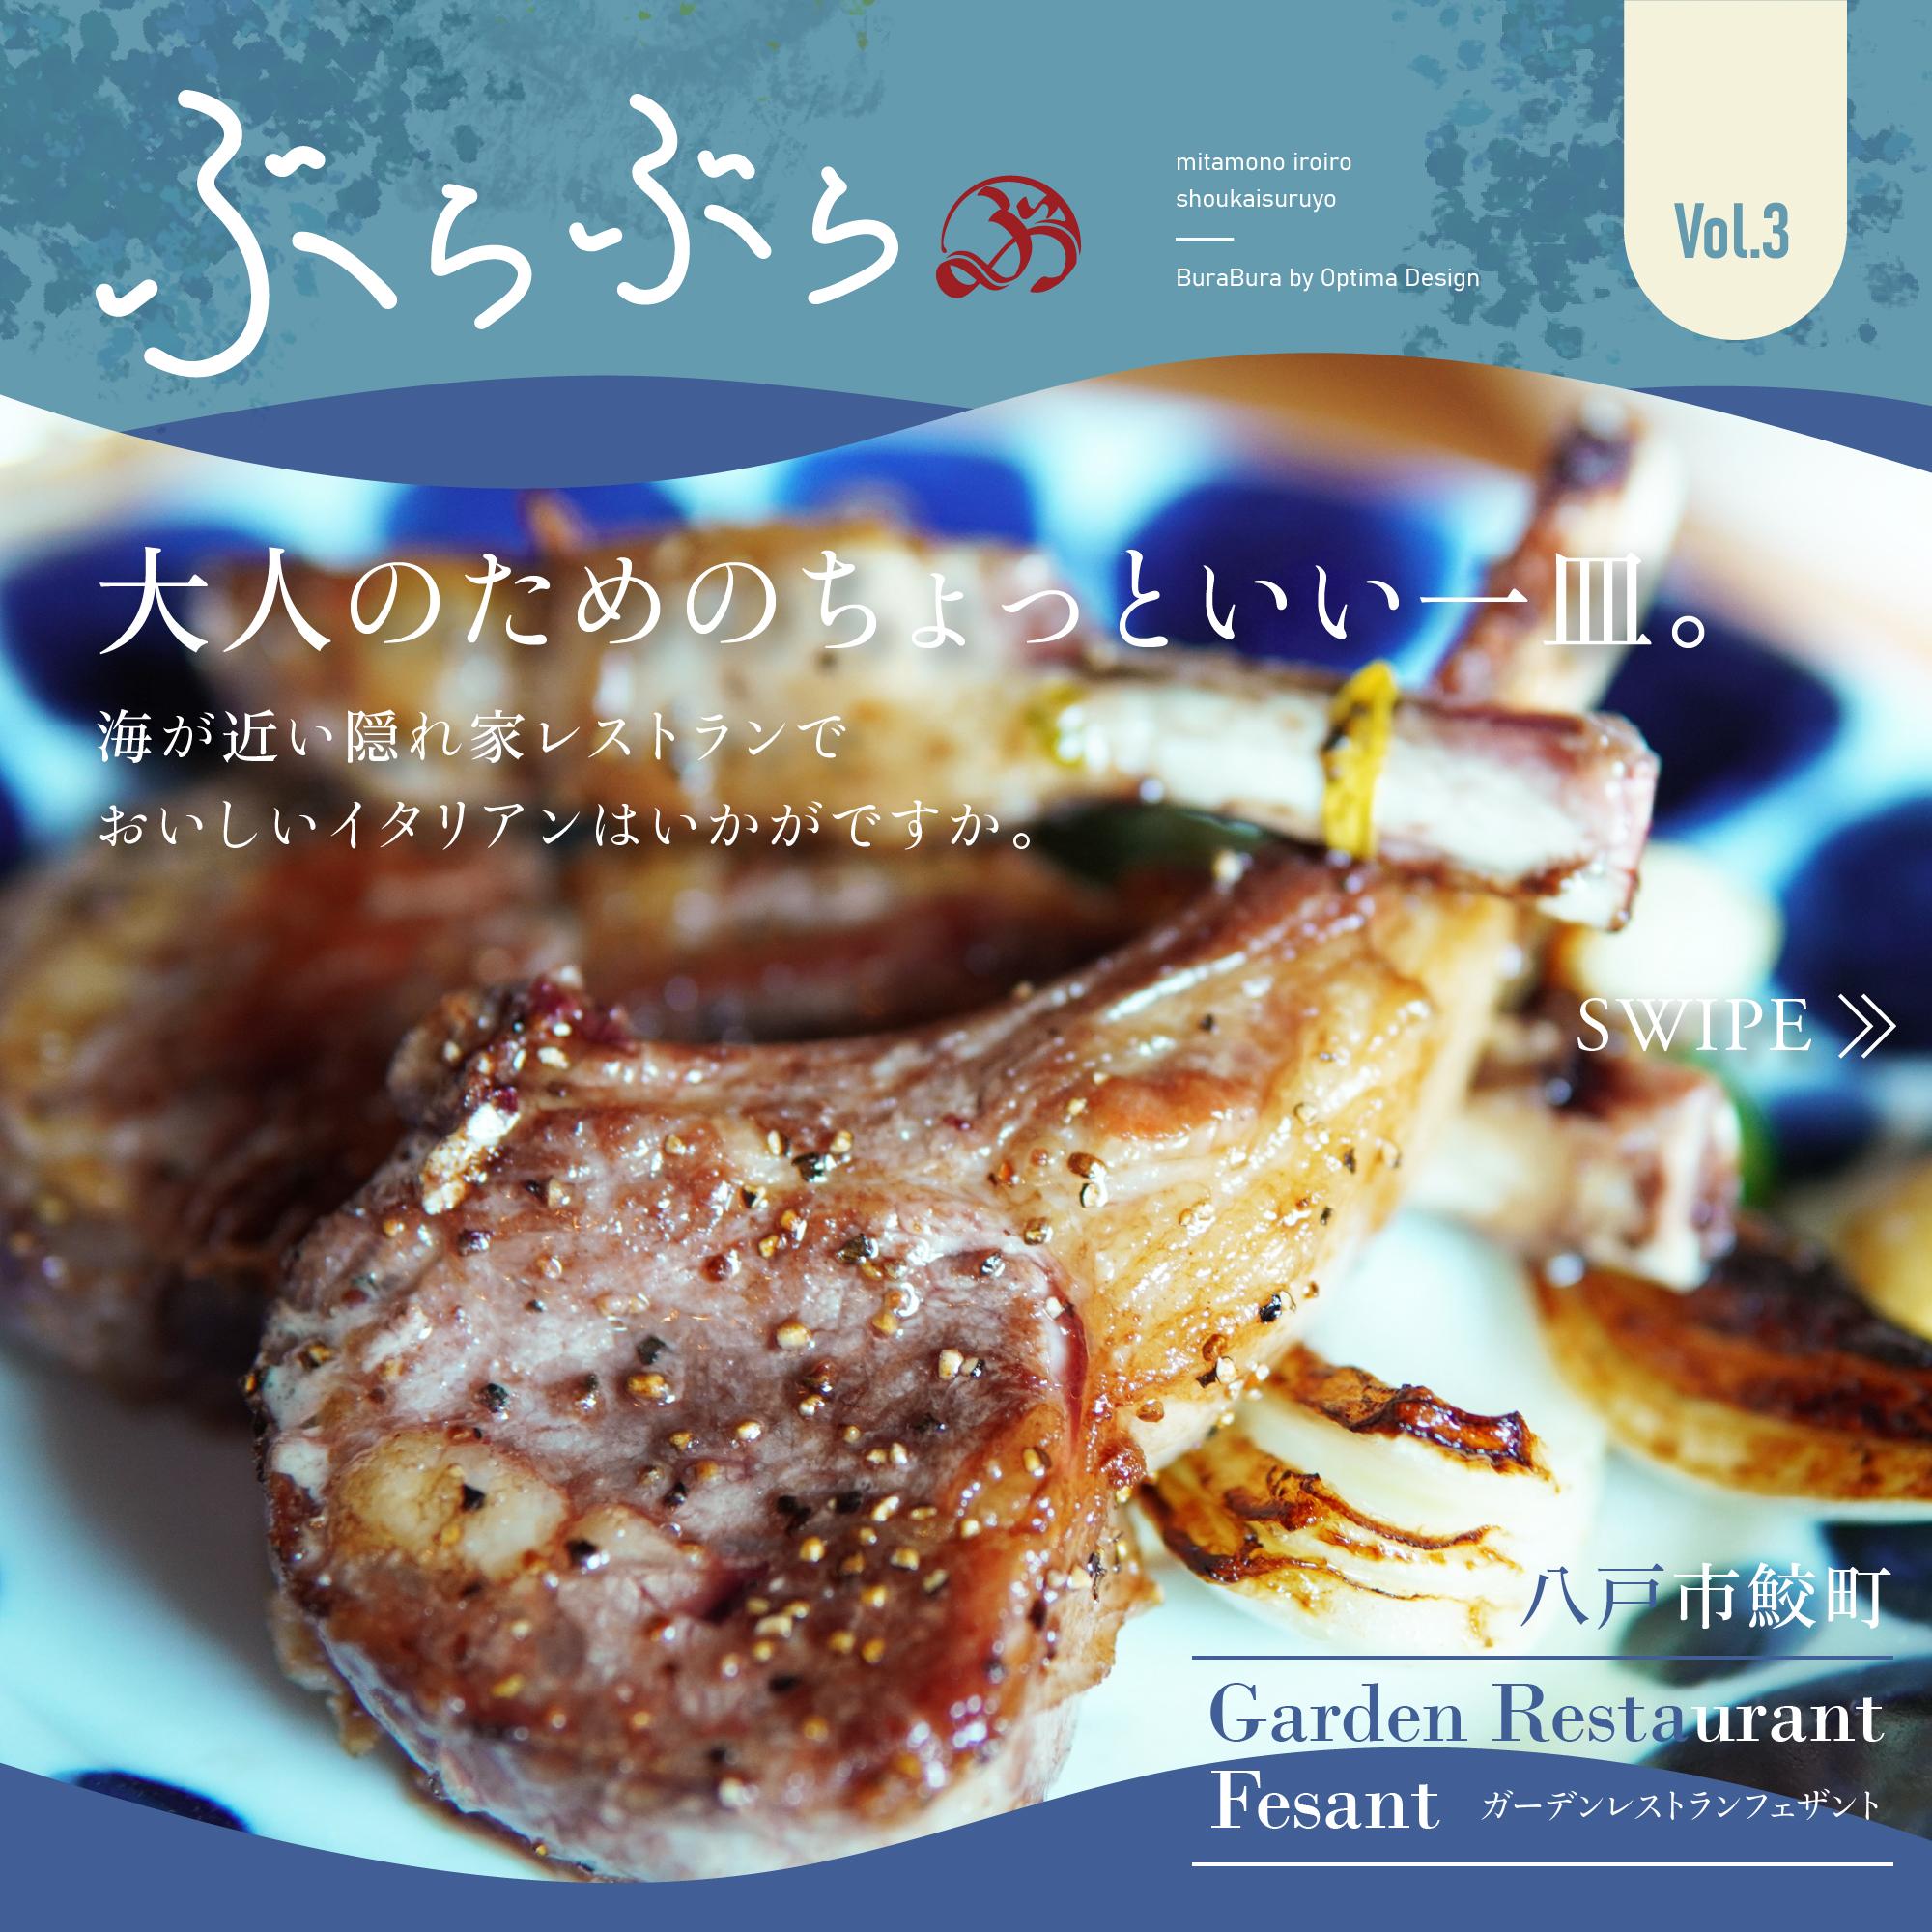 WEBマガジン「ぶらぶら」vol.3